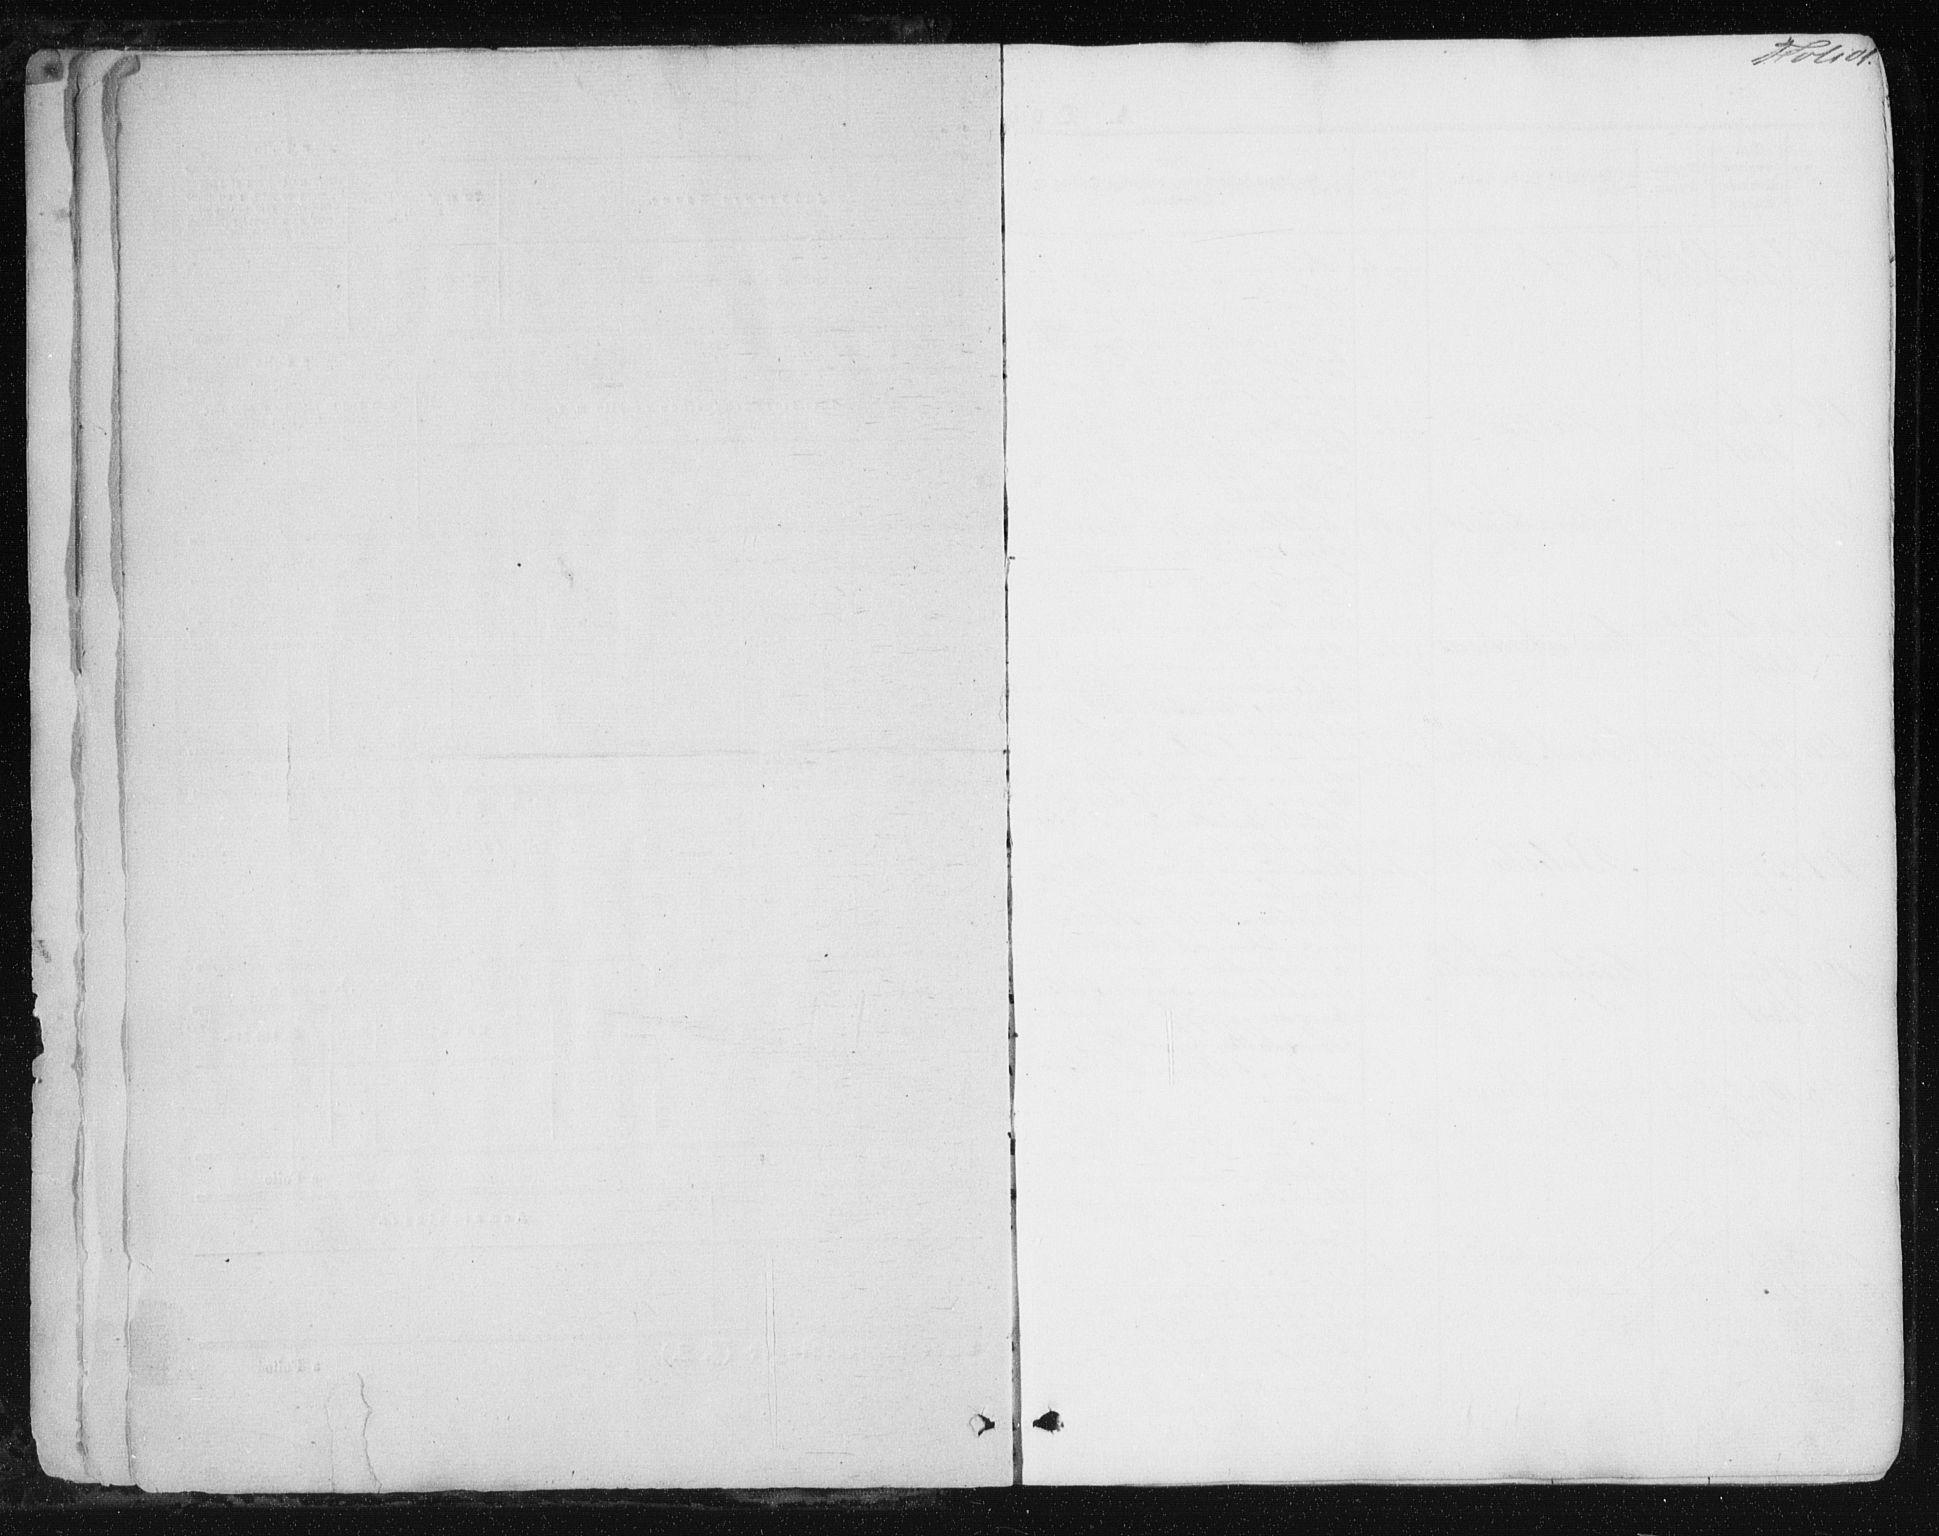 SAT, Ministerialprotokoller, klokkerbøker og fødselsregistre - Sør-Trøndelag, 602/L0112: Ministerialbok nr. 602A10, 1848-1859, s. 1